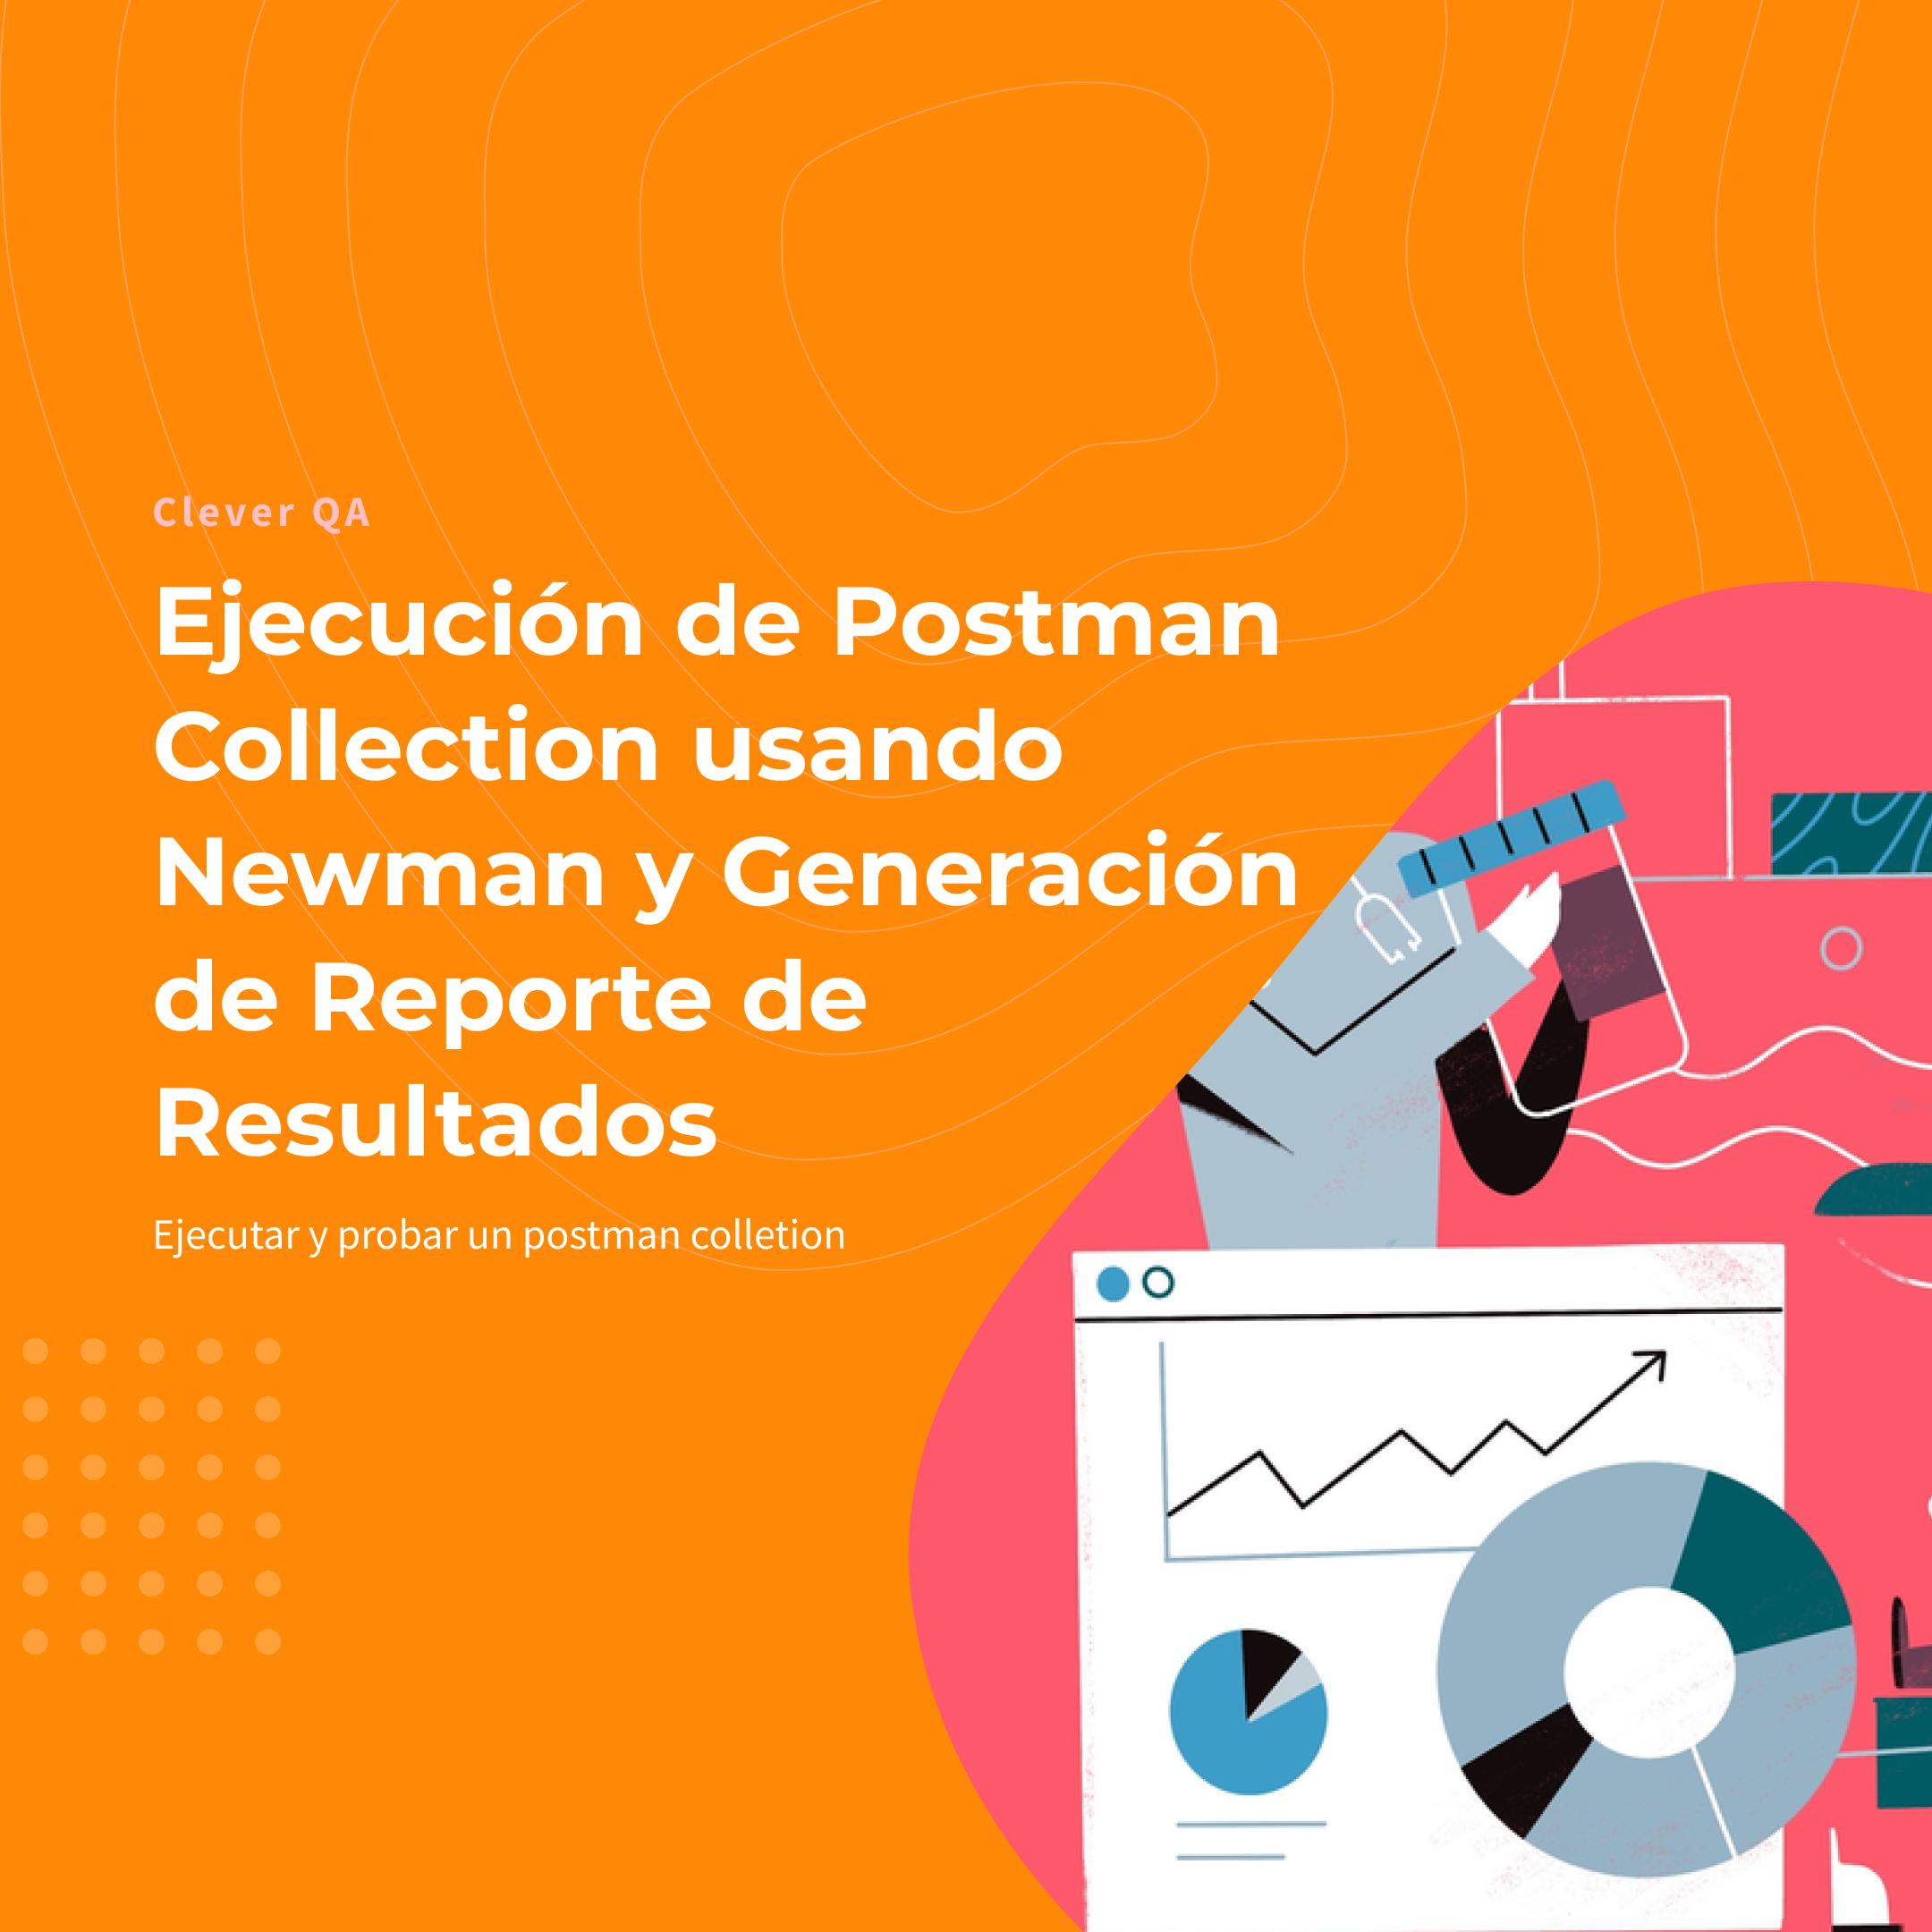 Ejecución de Postman Collection usando Newman y Generación de Reporte de Resultados